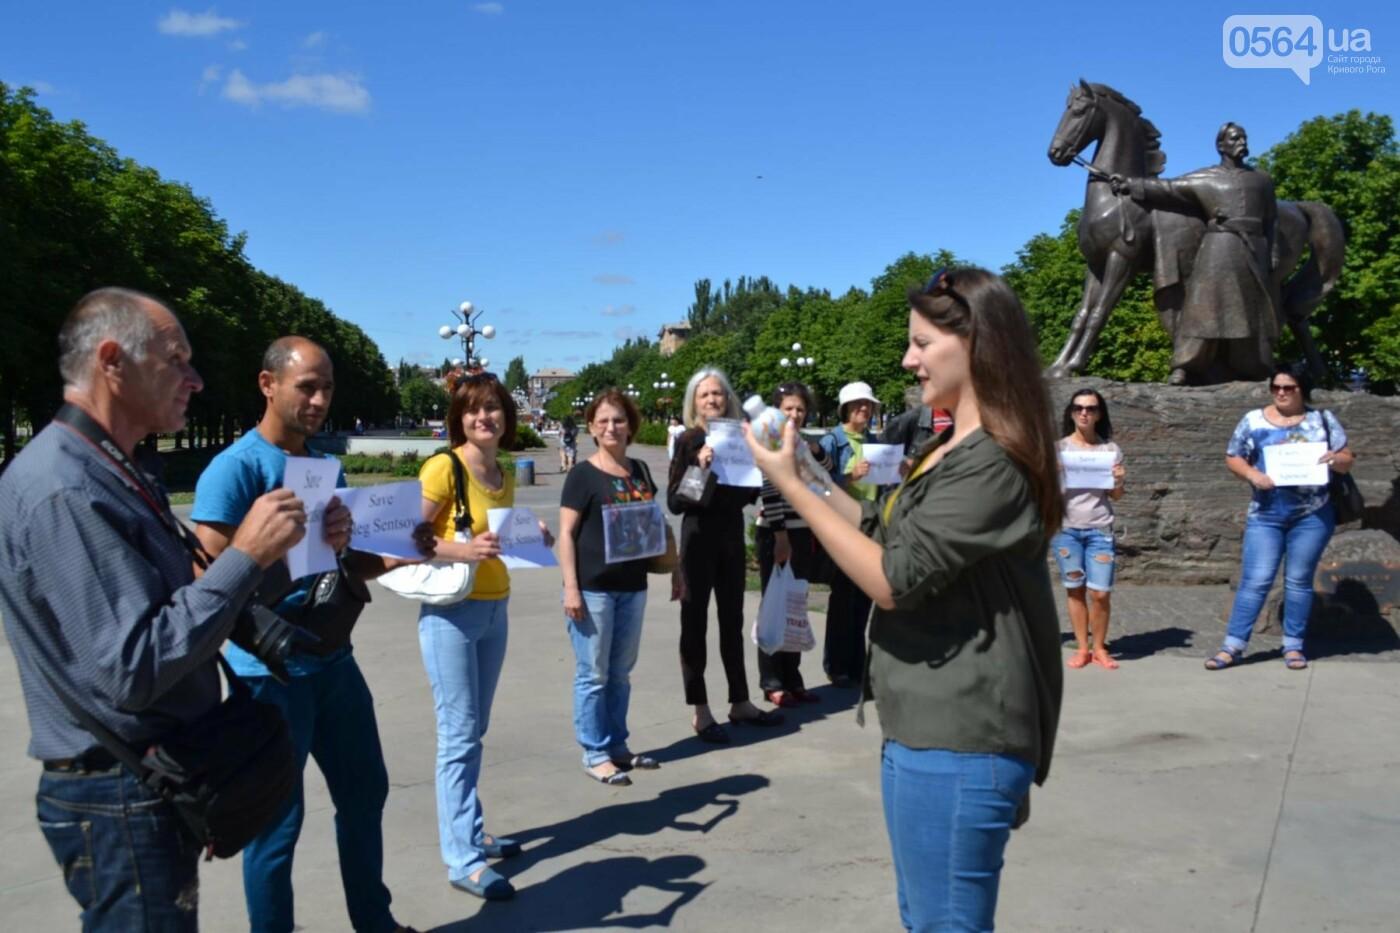 Криворожане вышли на всемирную акцию FreeSentsov, - ФОТО, ВИДЕО, фото-10